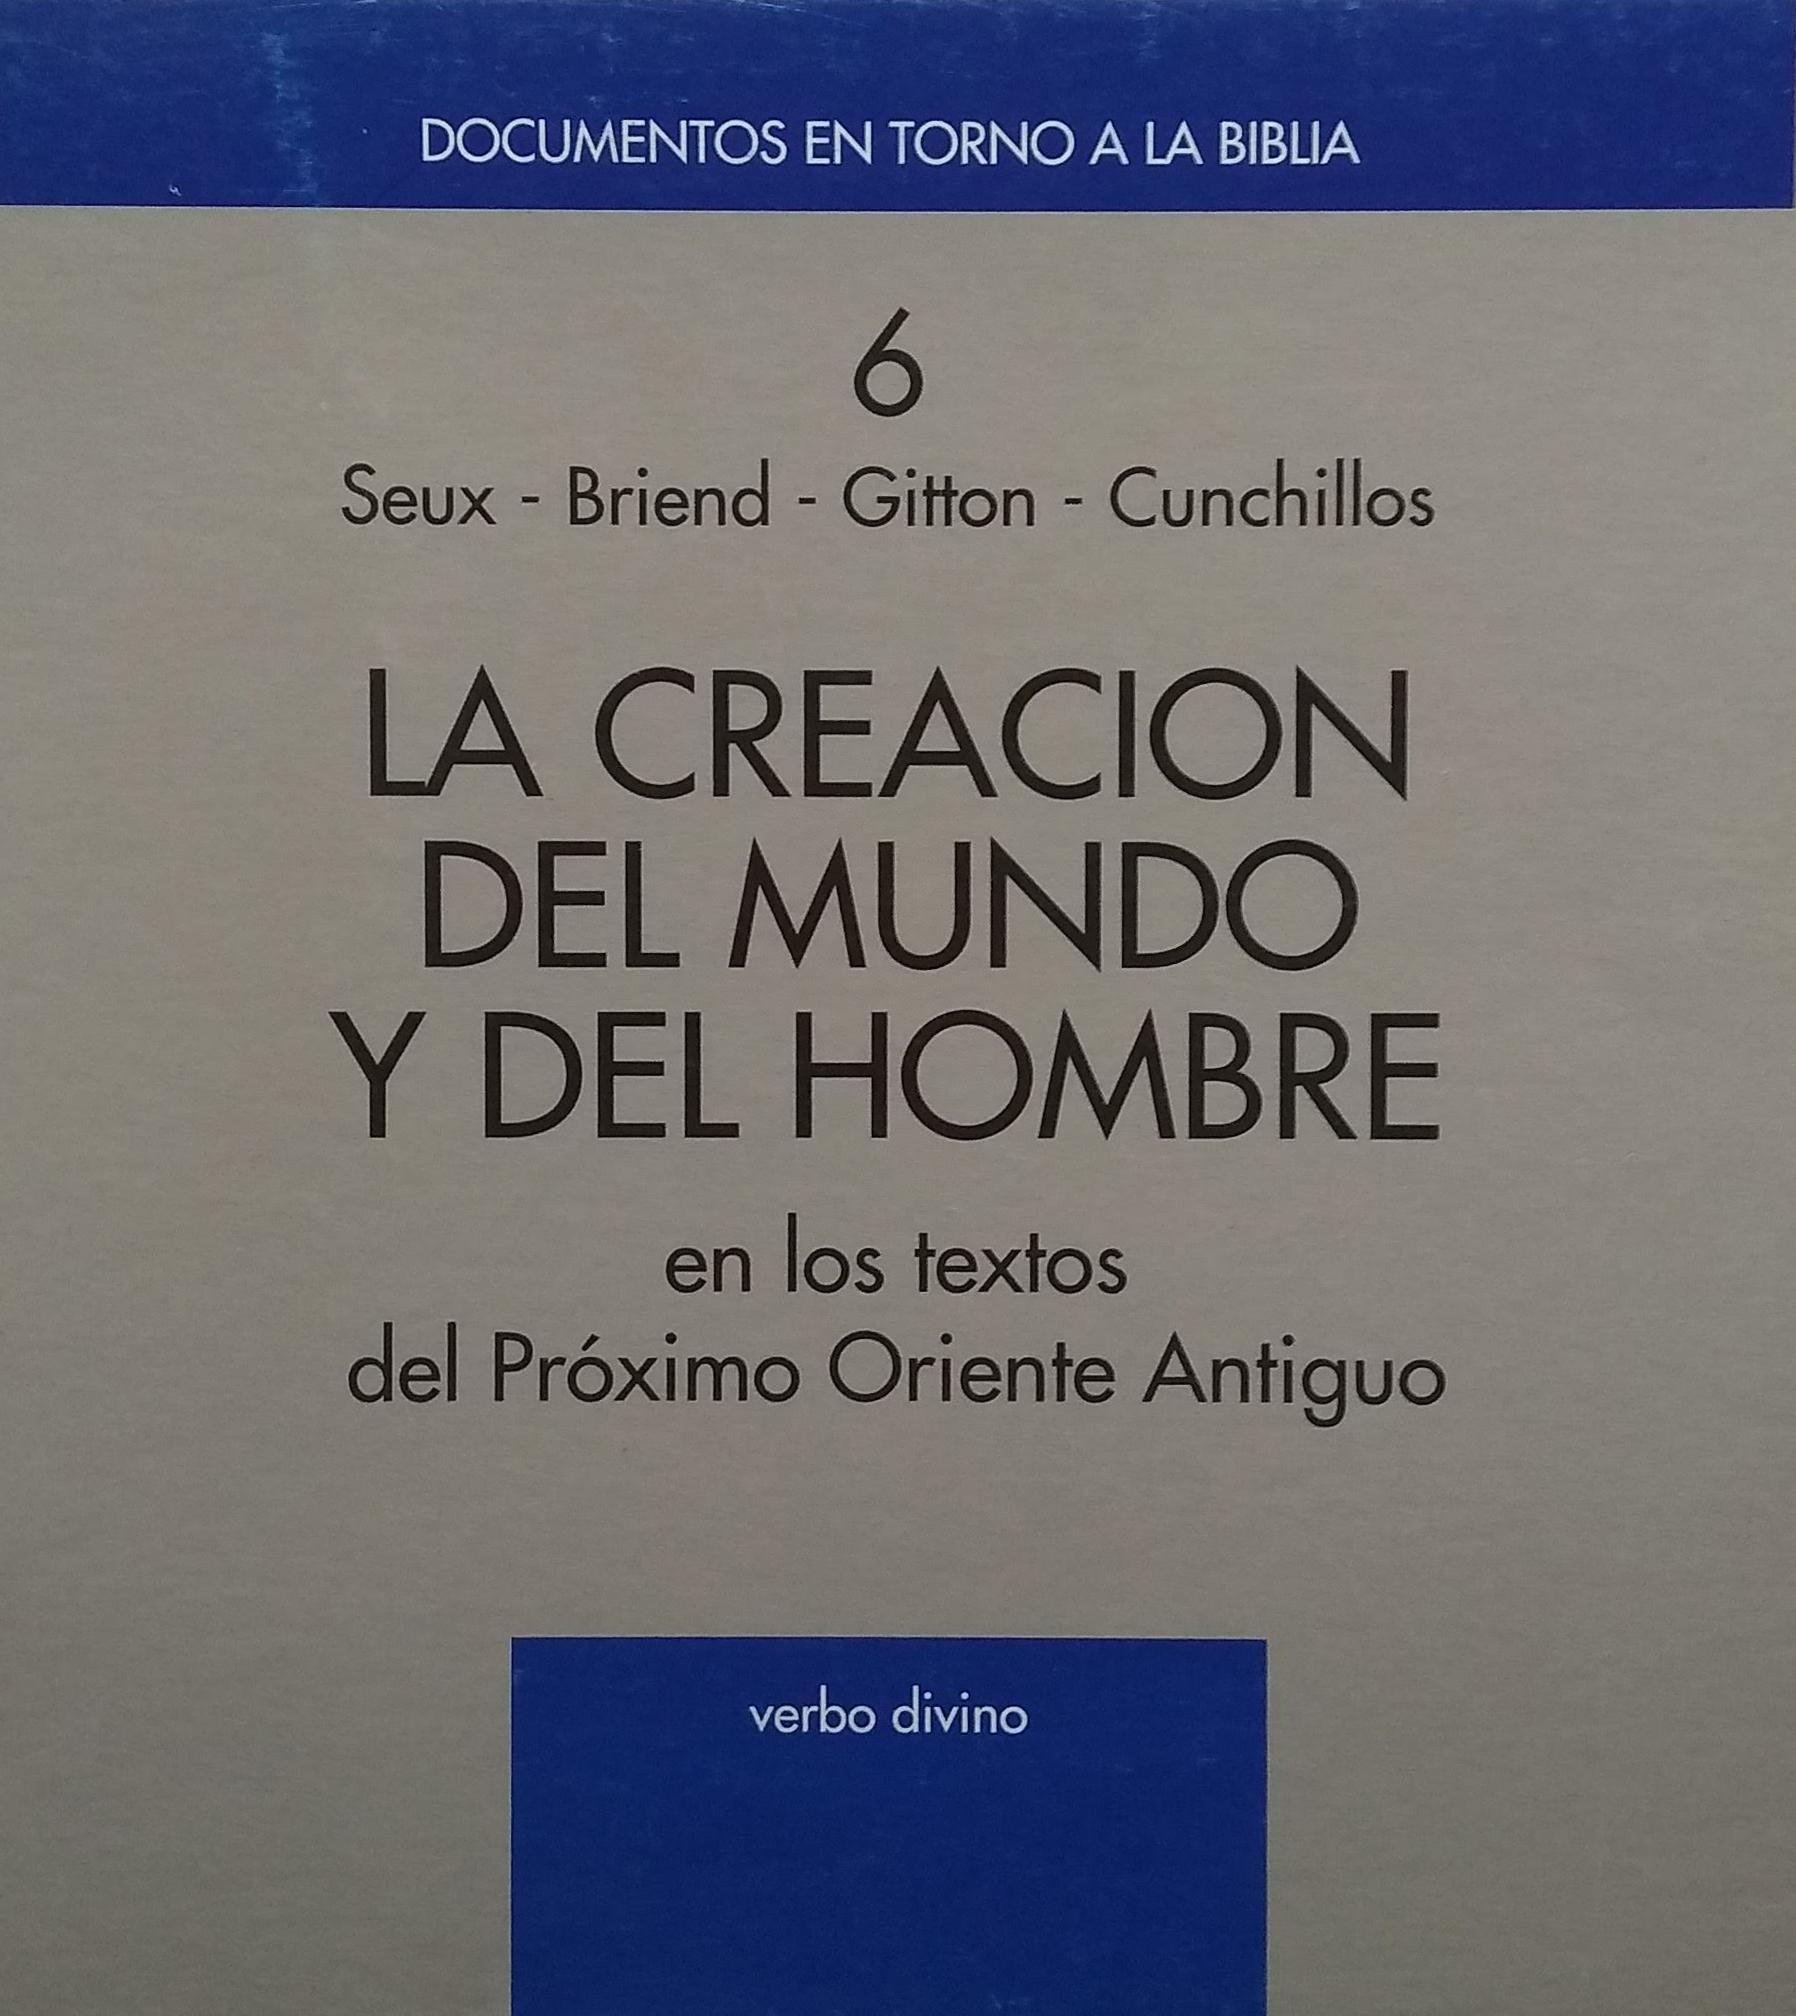 La_creación_del_mundo_y_del_hombre